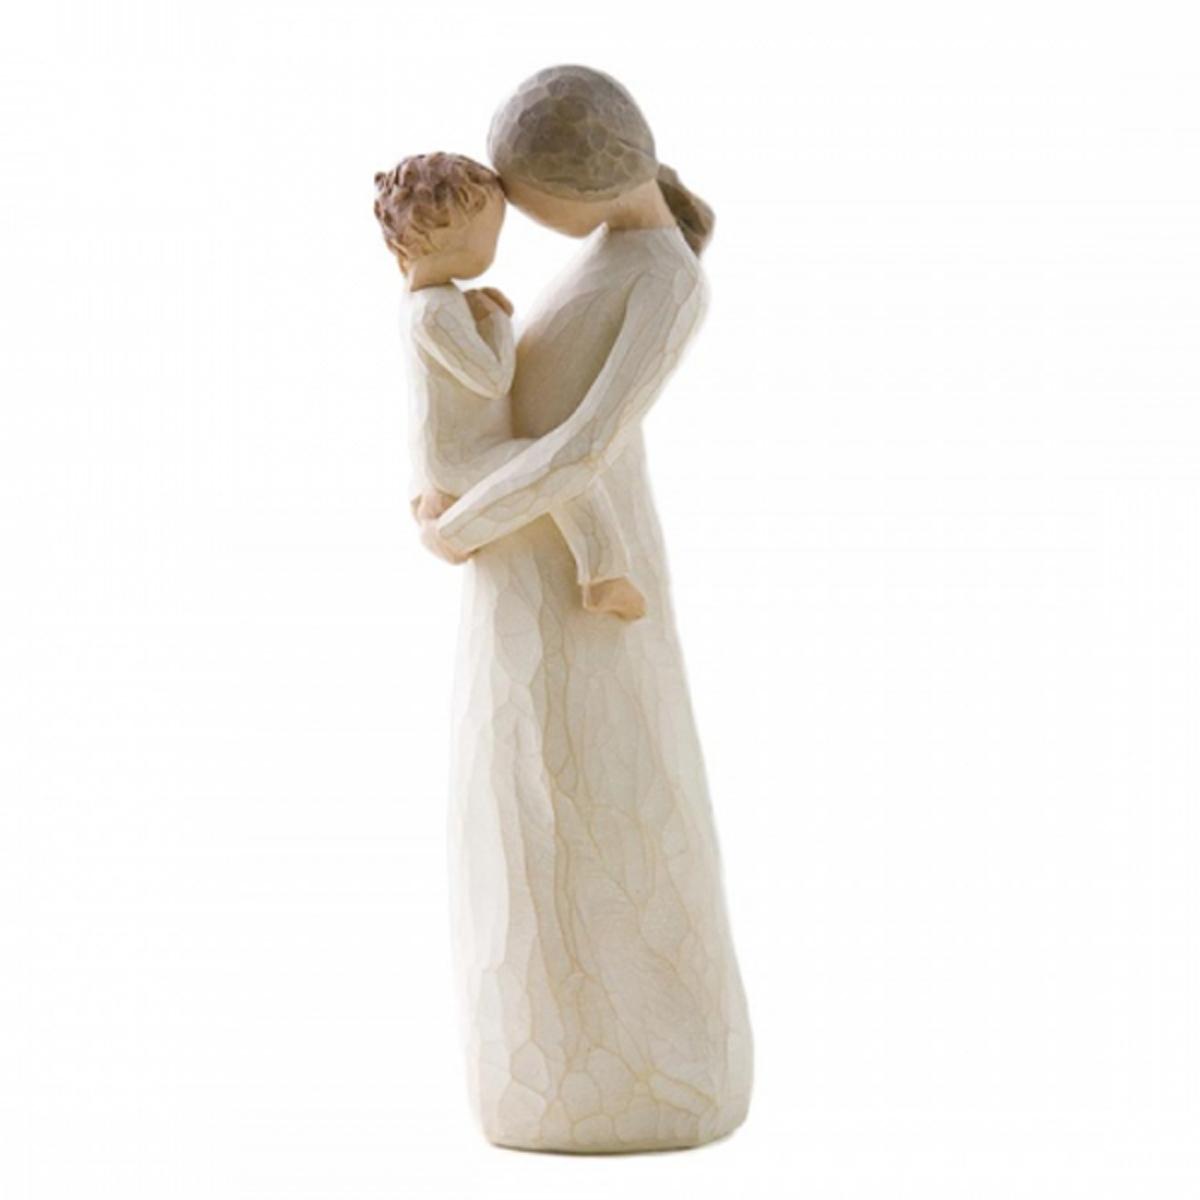 Figurine résine \'Willow Tree\' (Tendresse - mère et enfant) - 21x75x65 cm - [R2989]